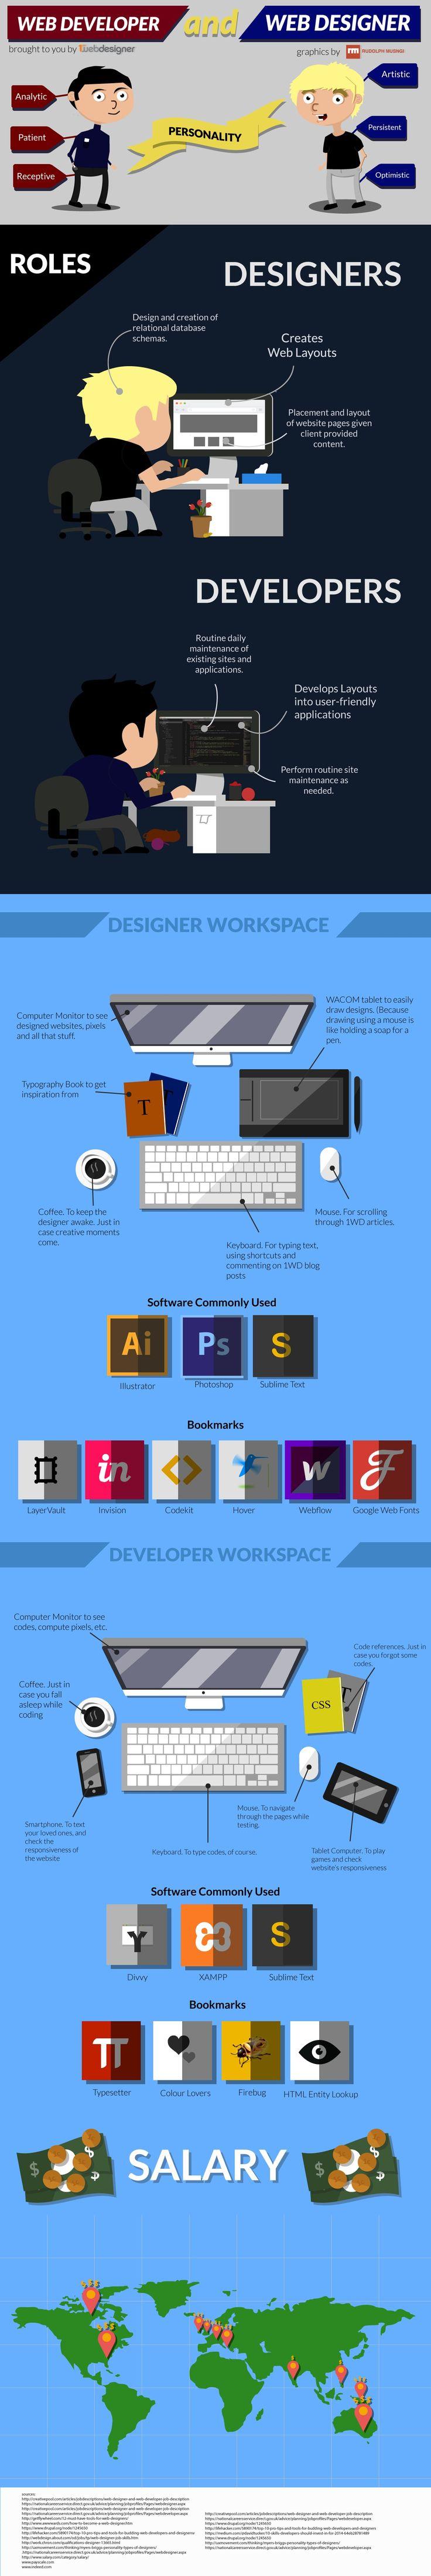 designer-vs-developer infographic